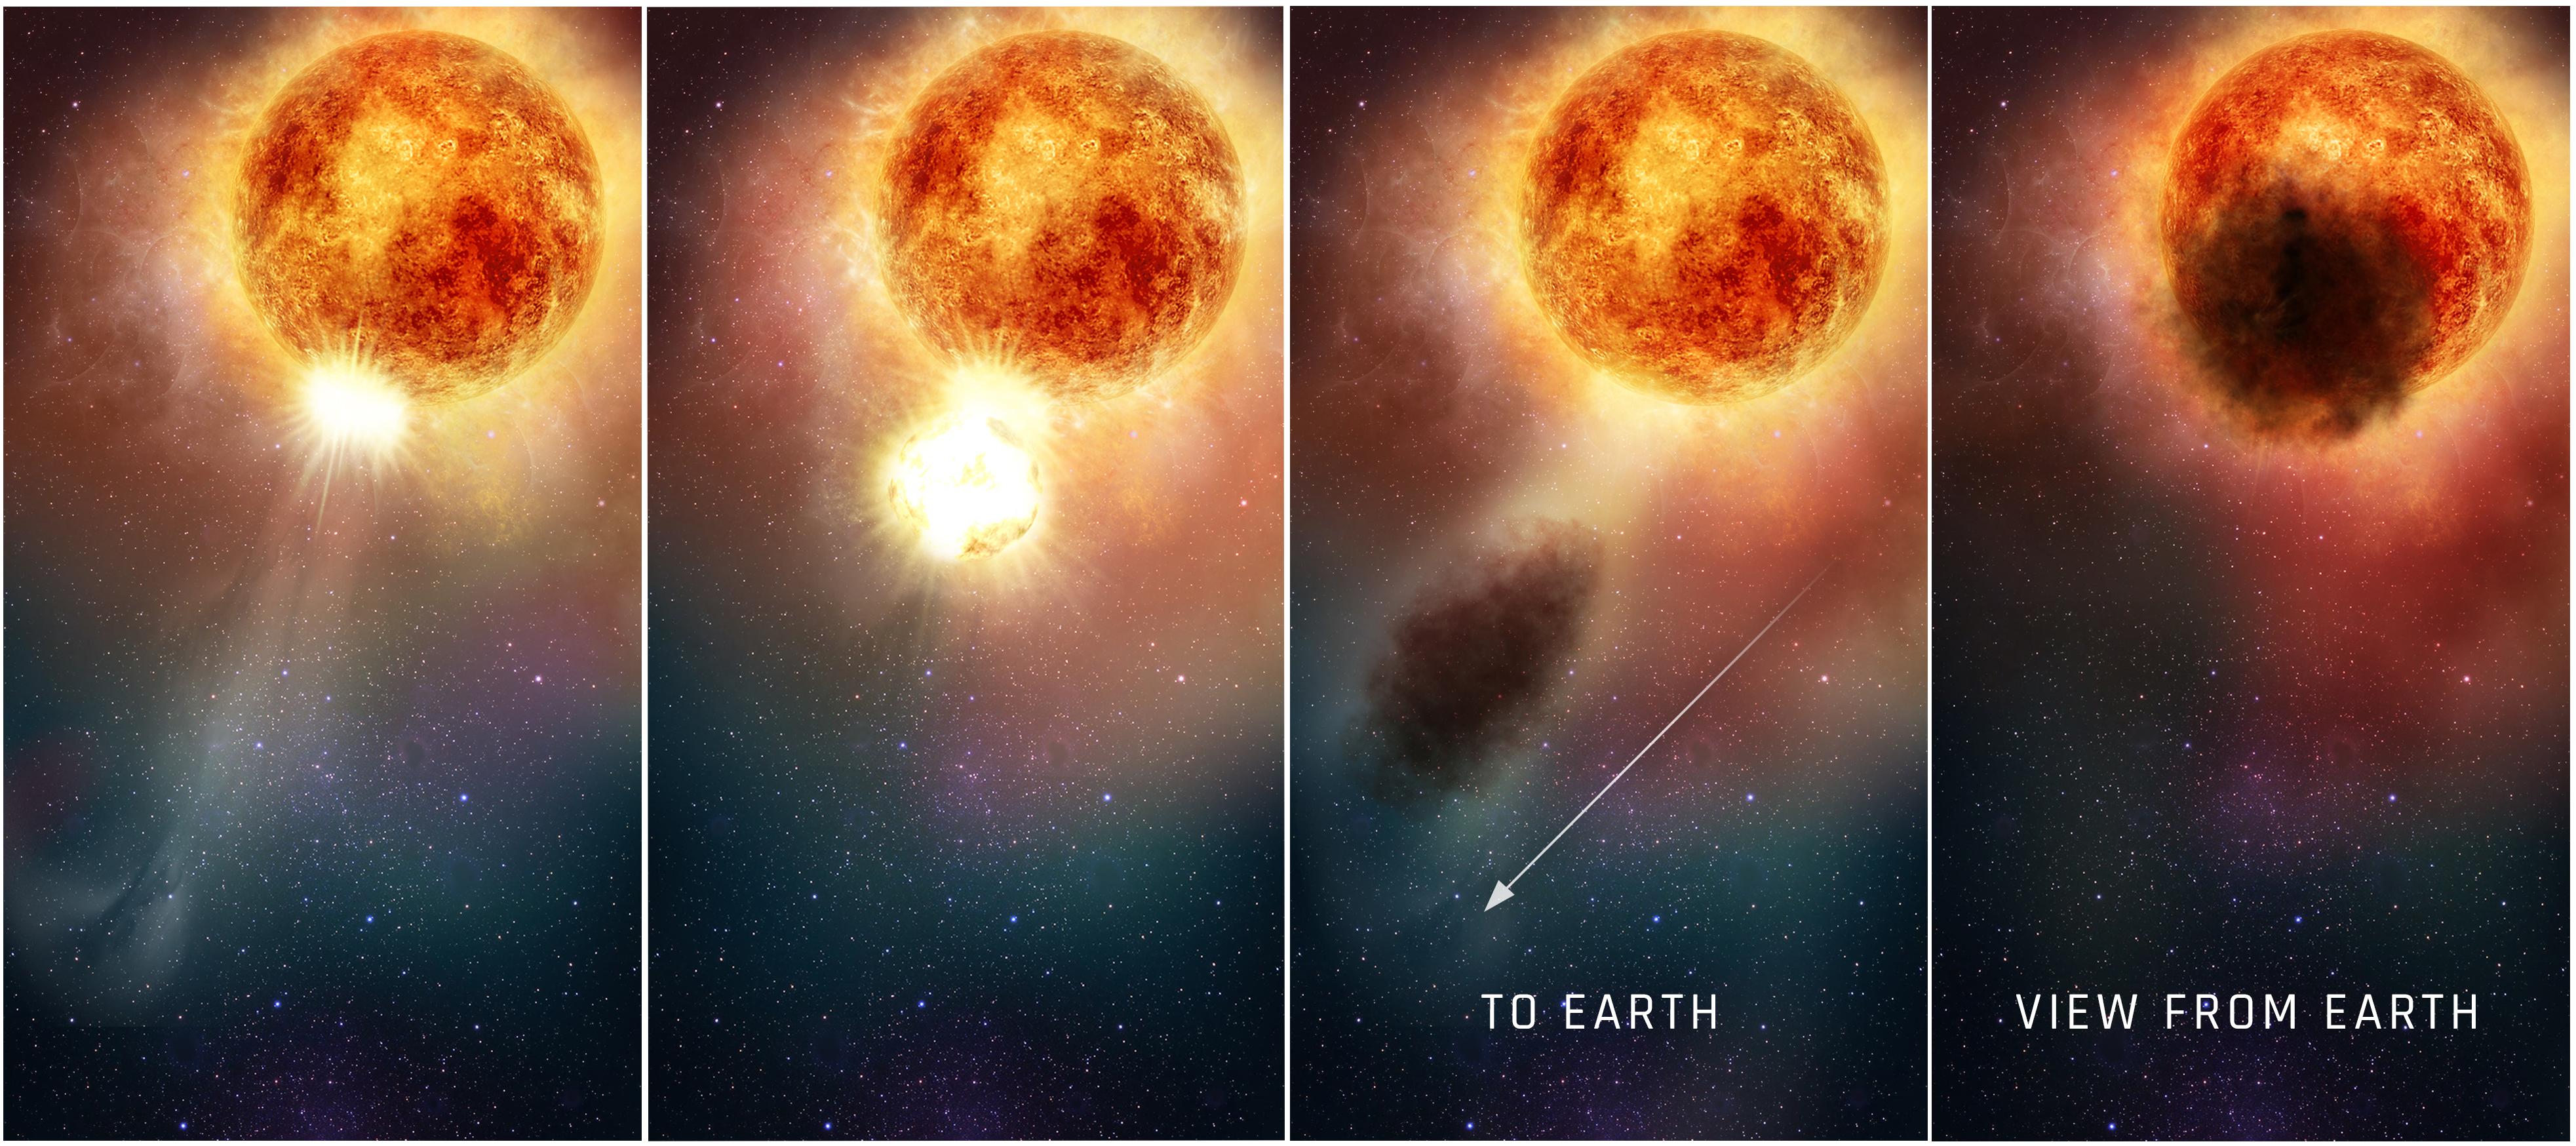 Représentation par un artiste d'une hypothèse pour expliquer la gradation dramatique de Bételgeuse: l'étoile a projeté de la matière qui a finalement voyagé assez loin de l'étoile pour se refroidir en poussière, bloquant la vue de l'étoile par la Terre.